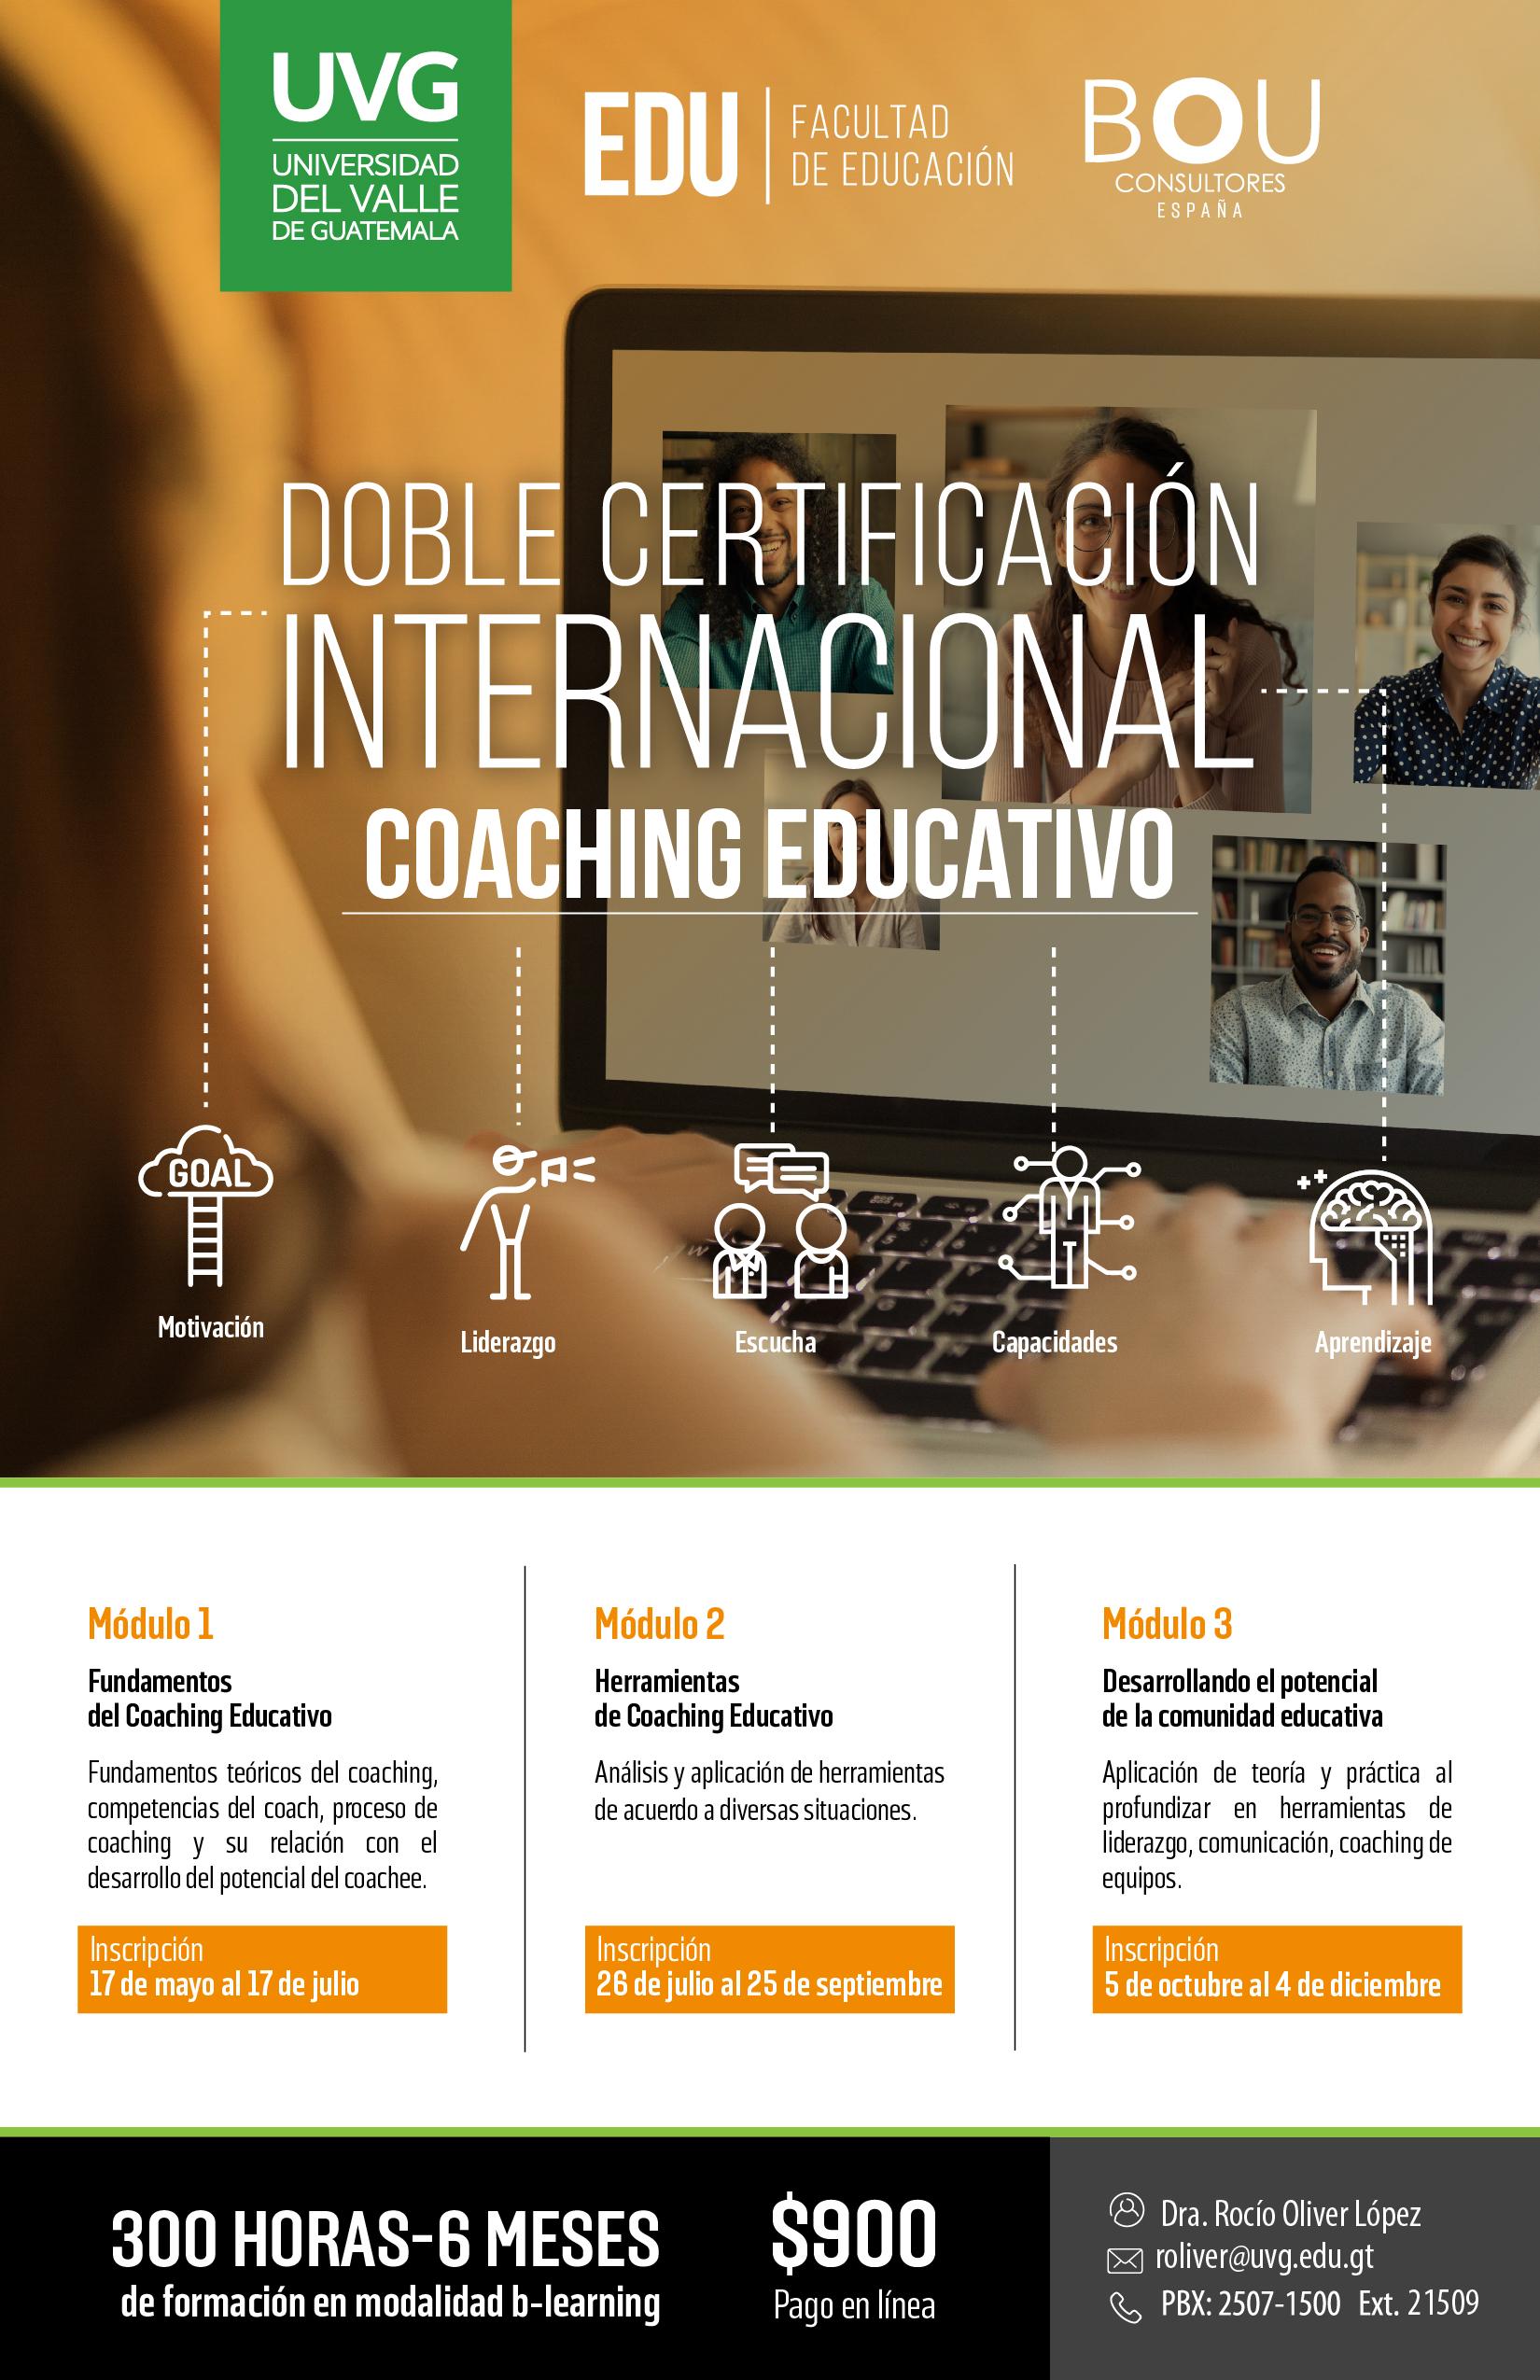 DOBLE CERTIFICACIÓN INTERNACIONAL COACHING EDUCATIVO